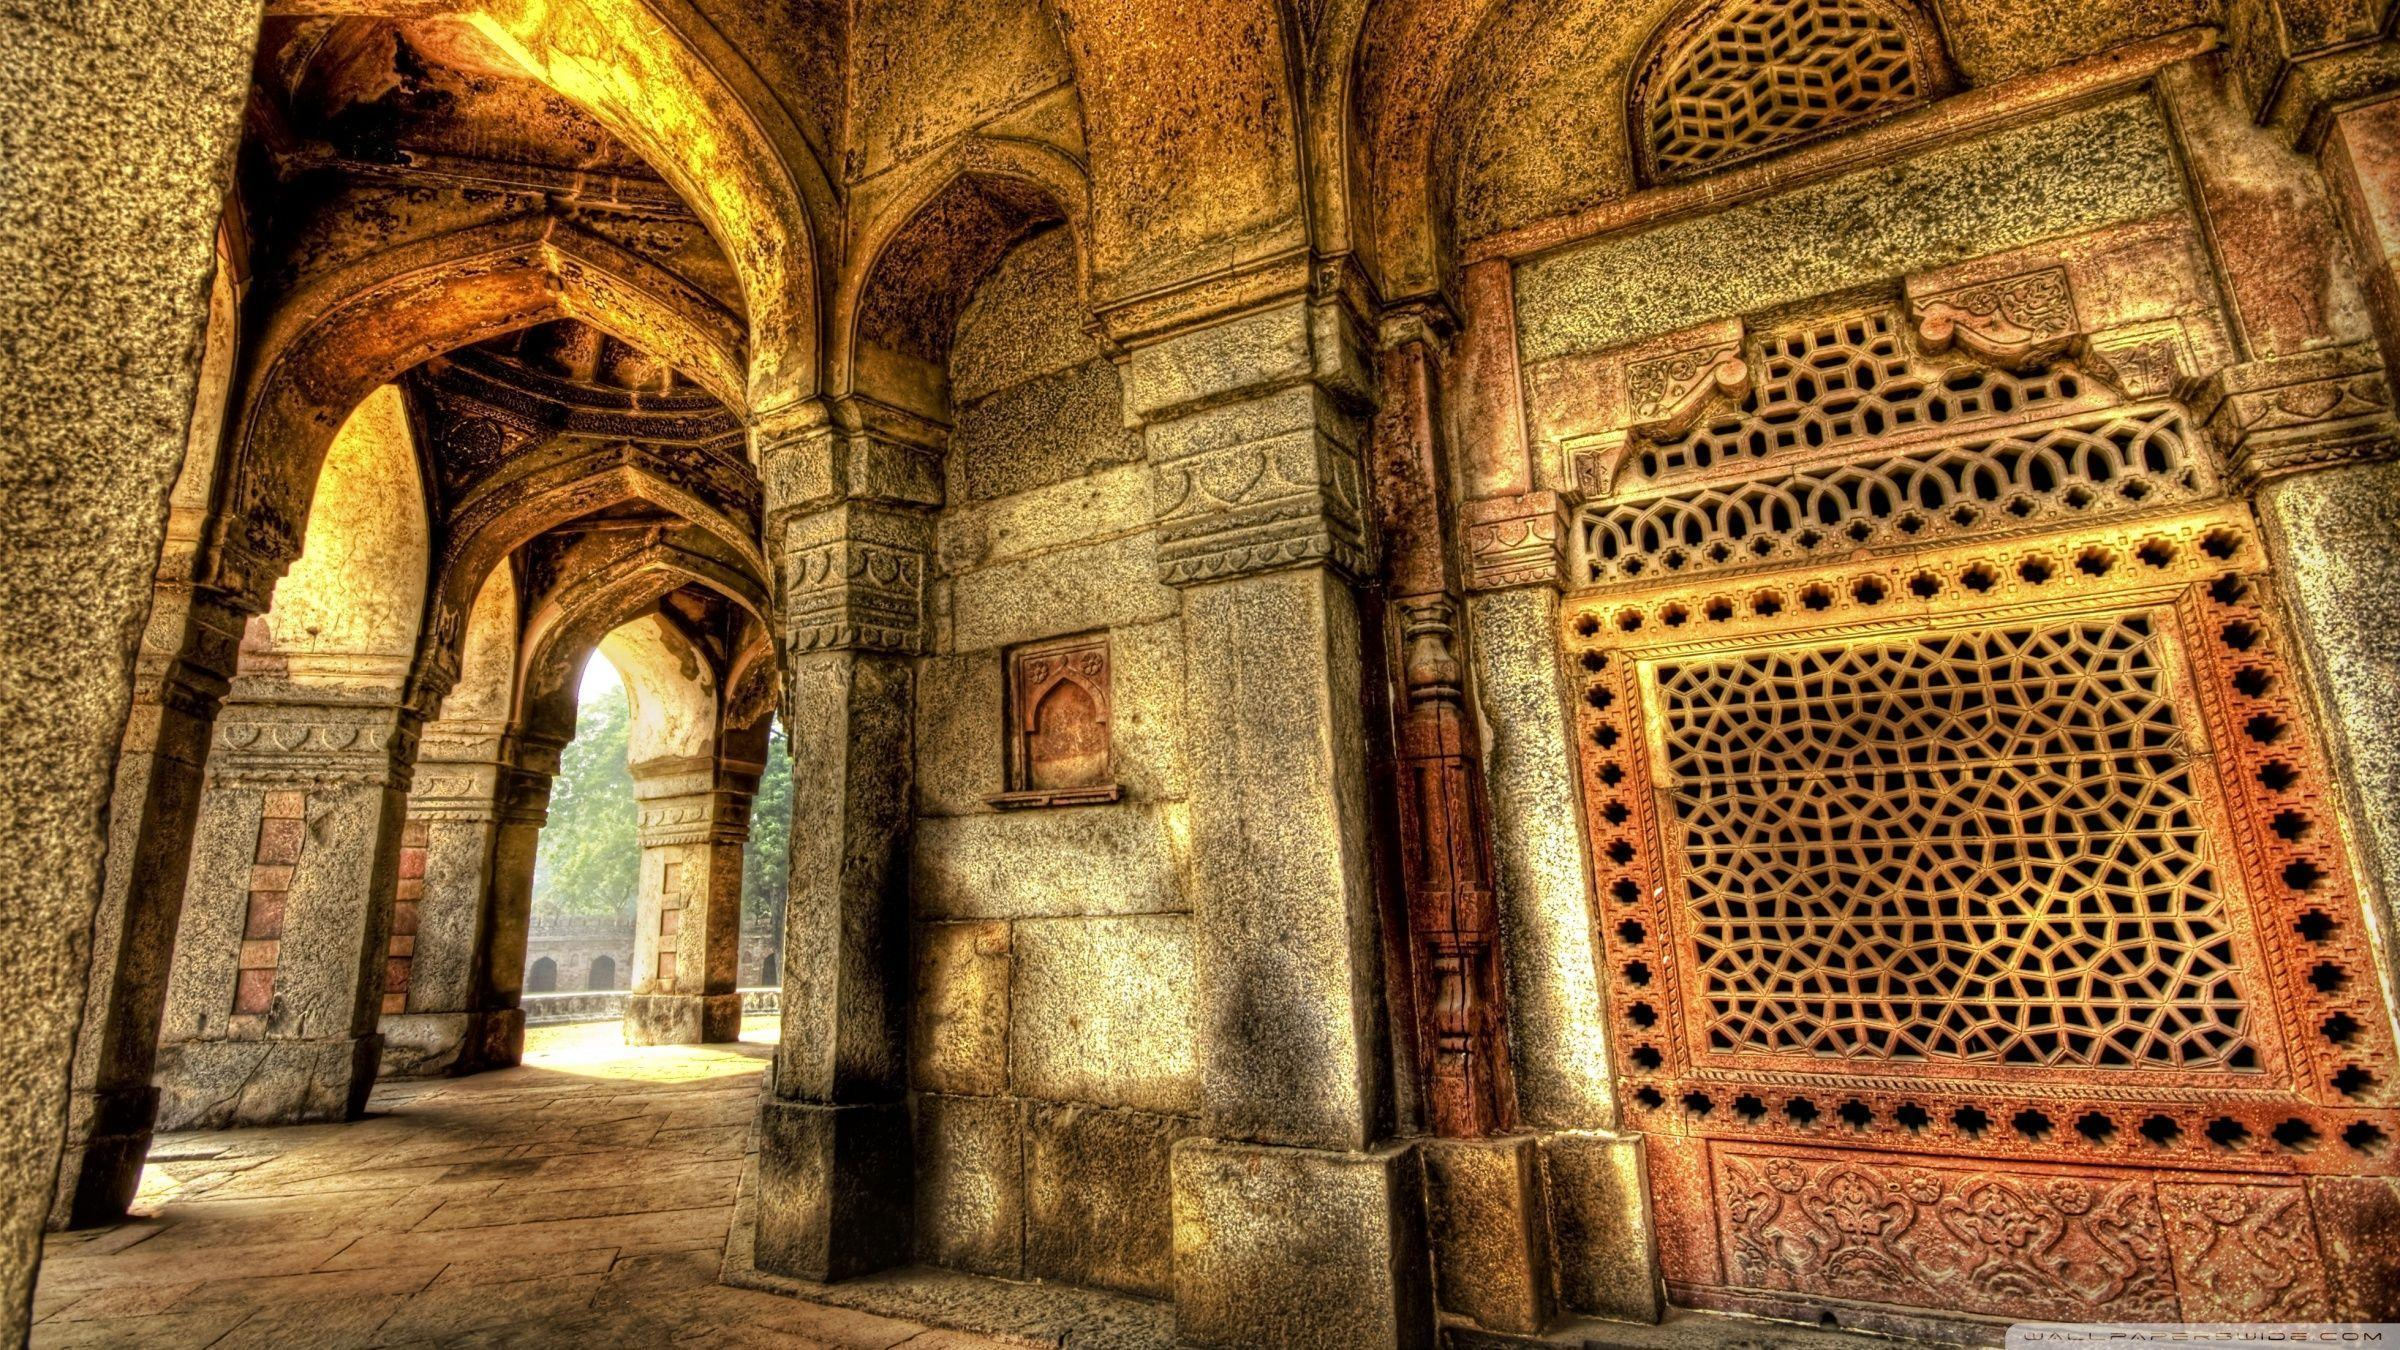 Delhi Wallpapers - Wallpaper Cave